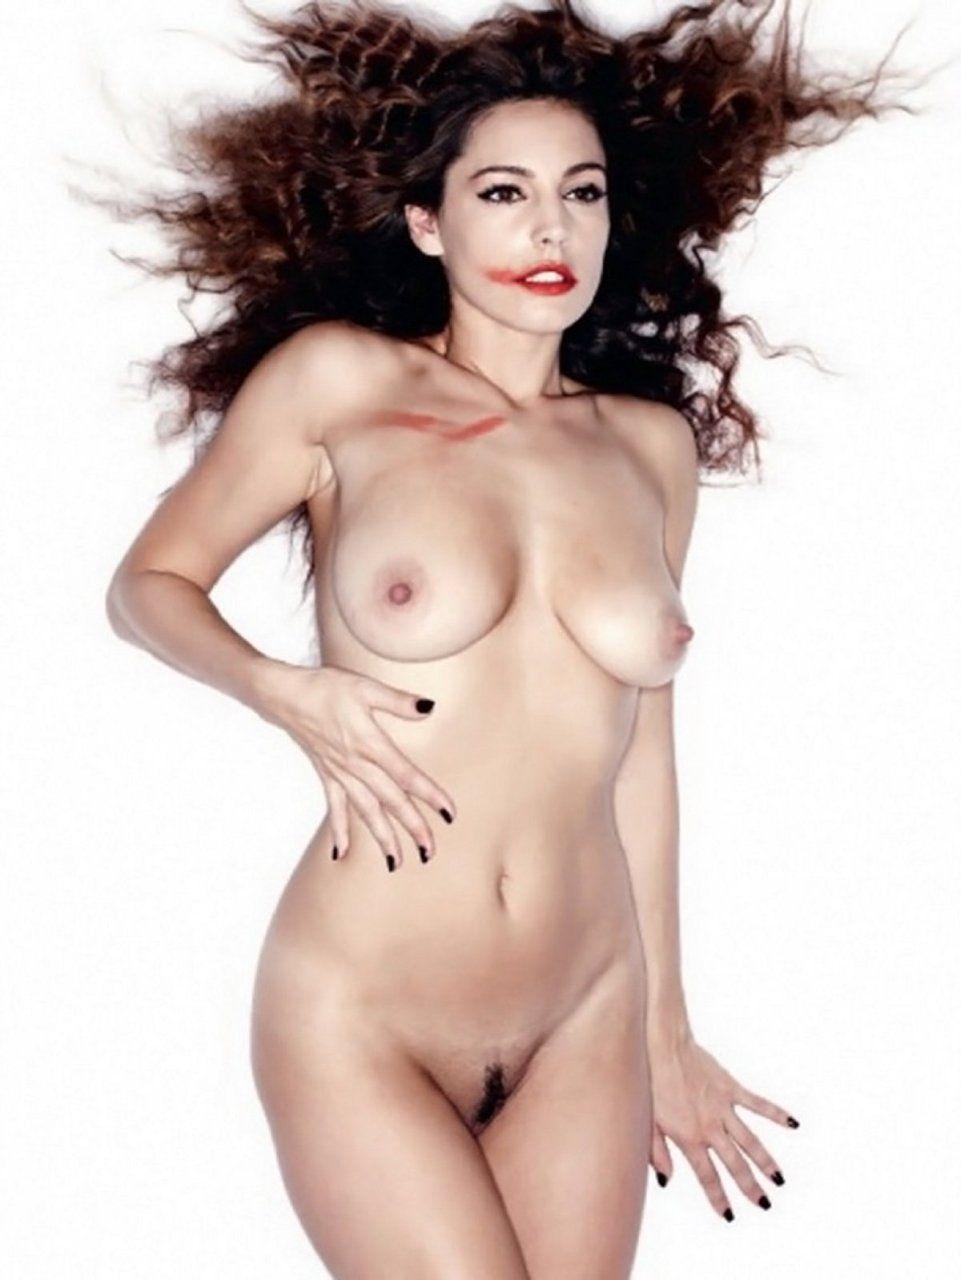 Playboy kelly brook naked